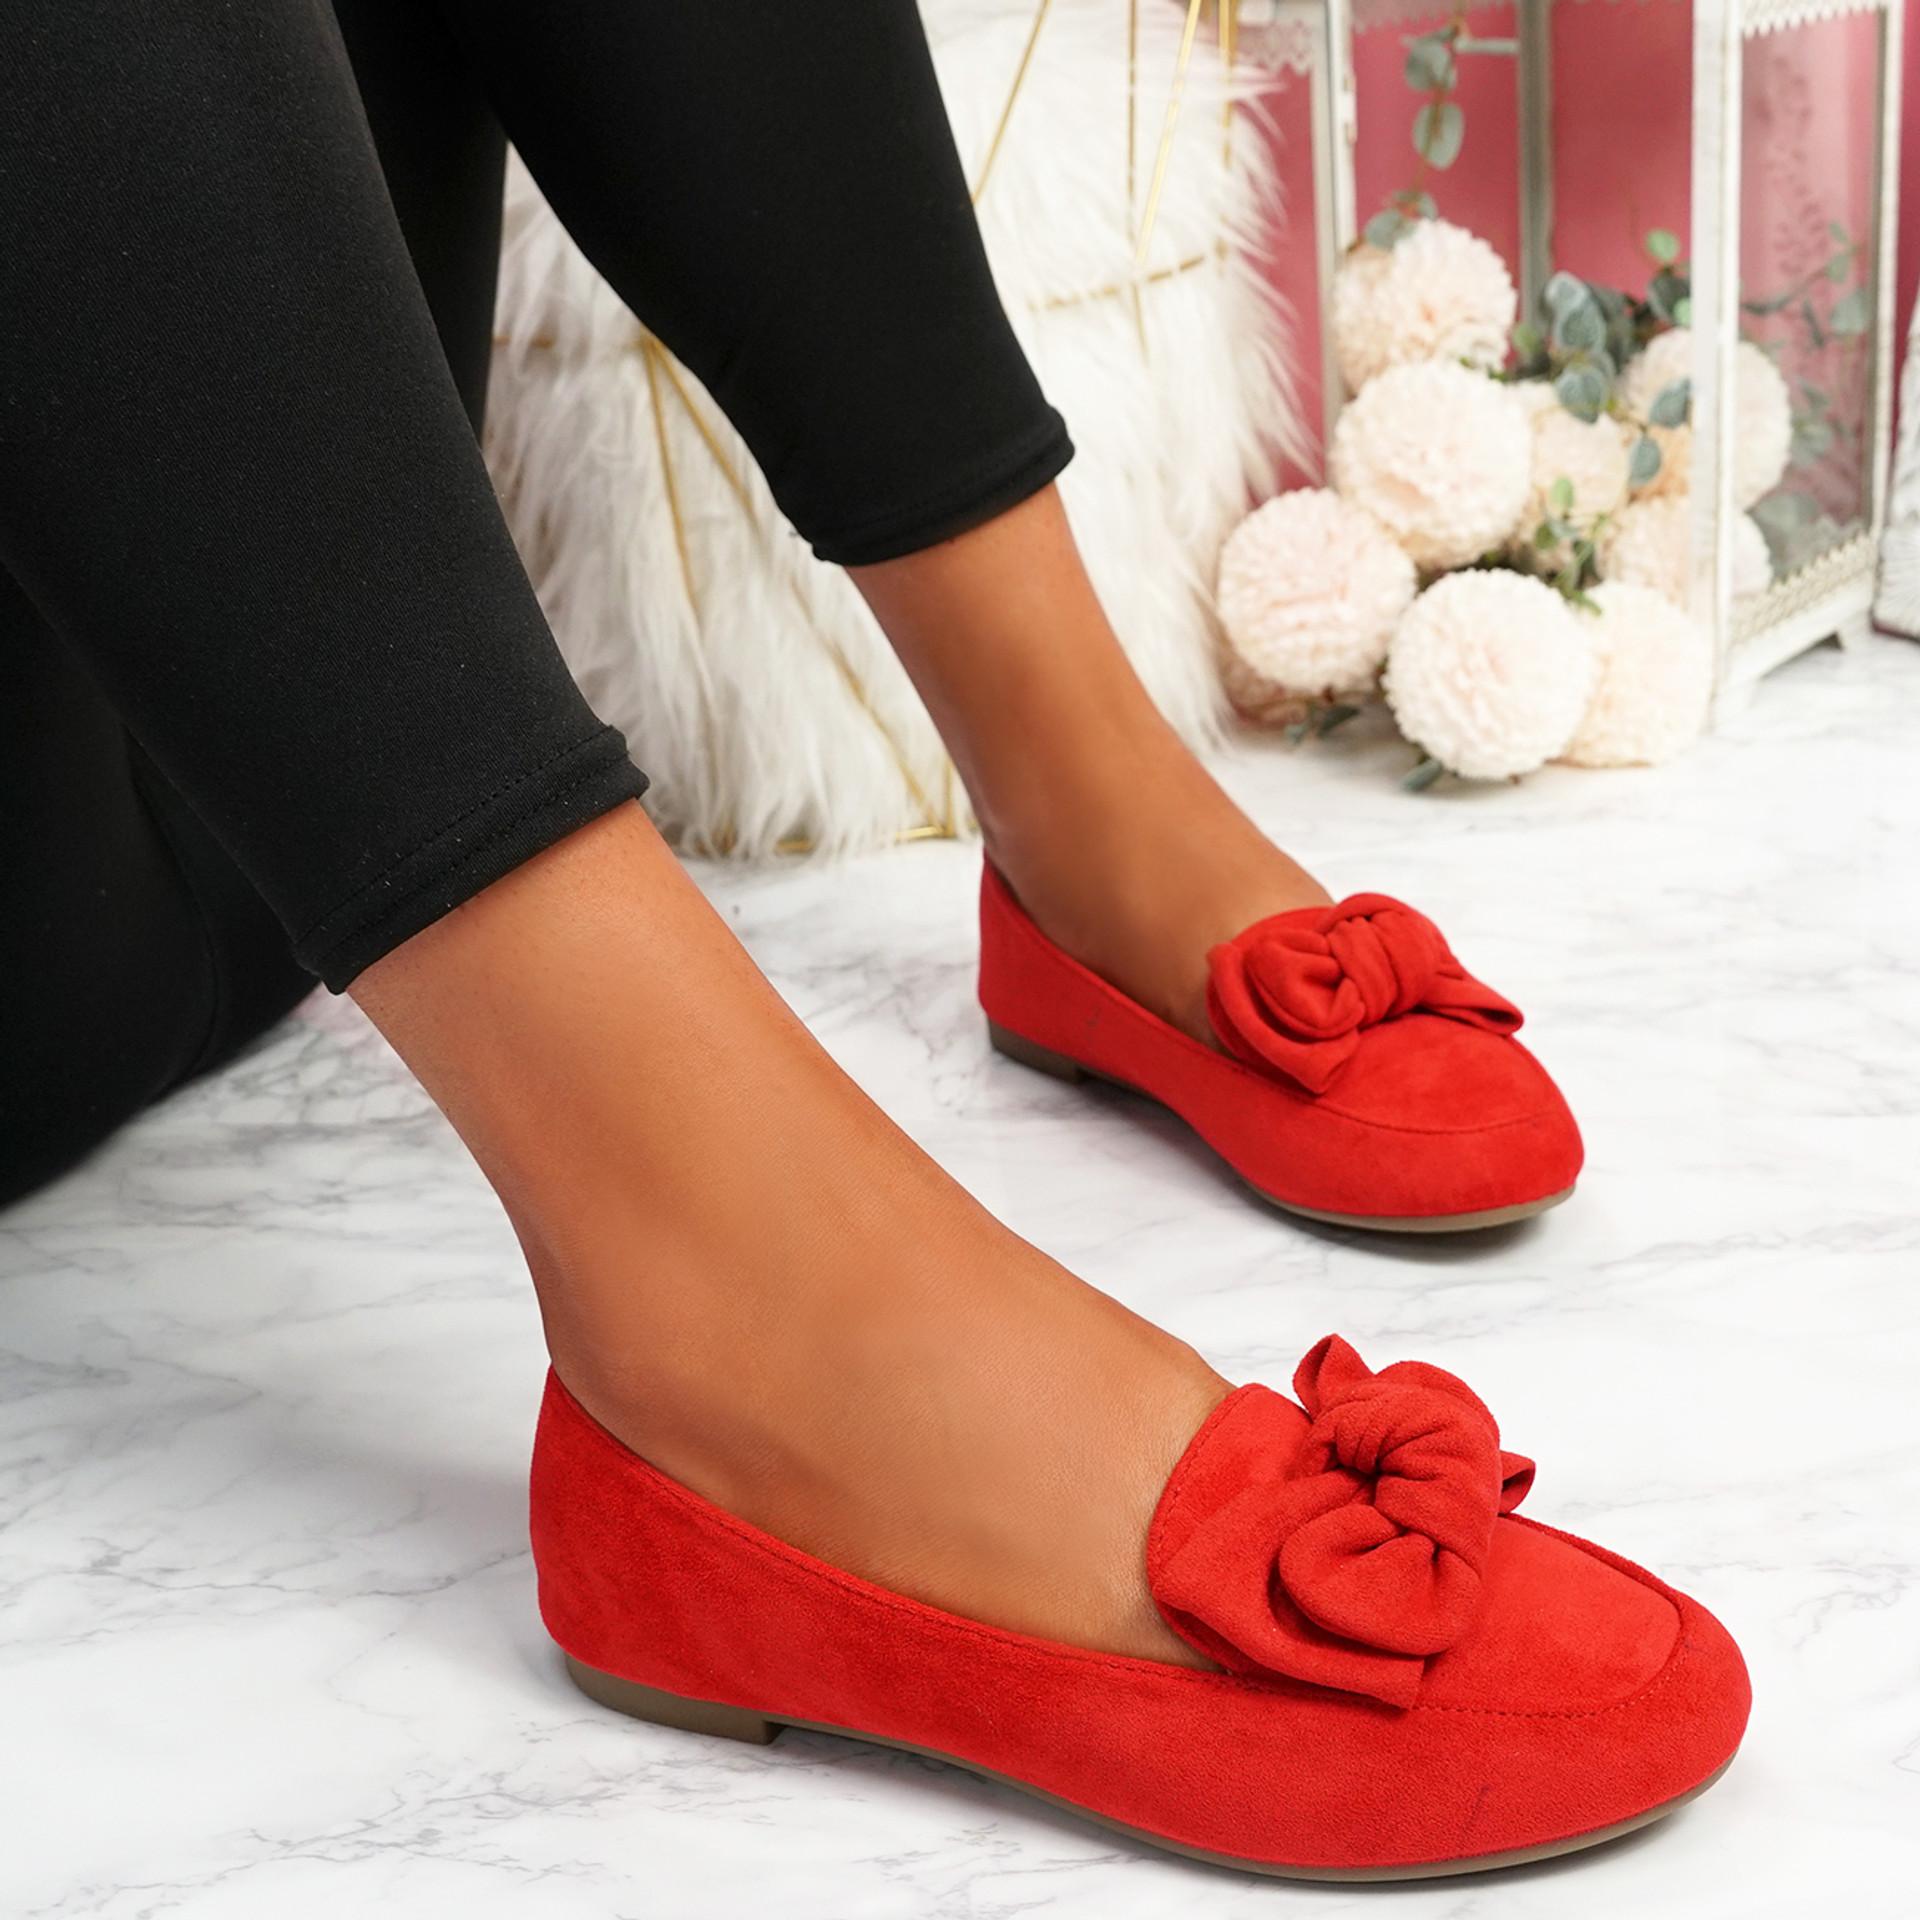 Vinny Red Bow Flat Ballerinas